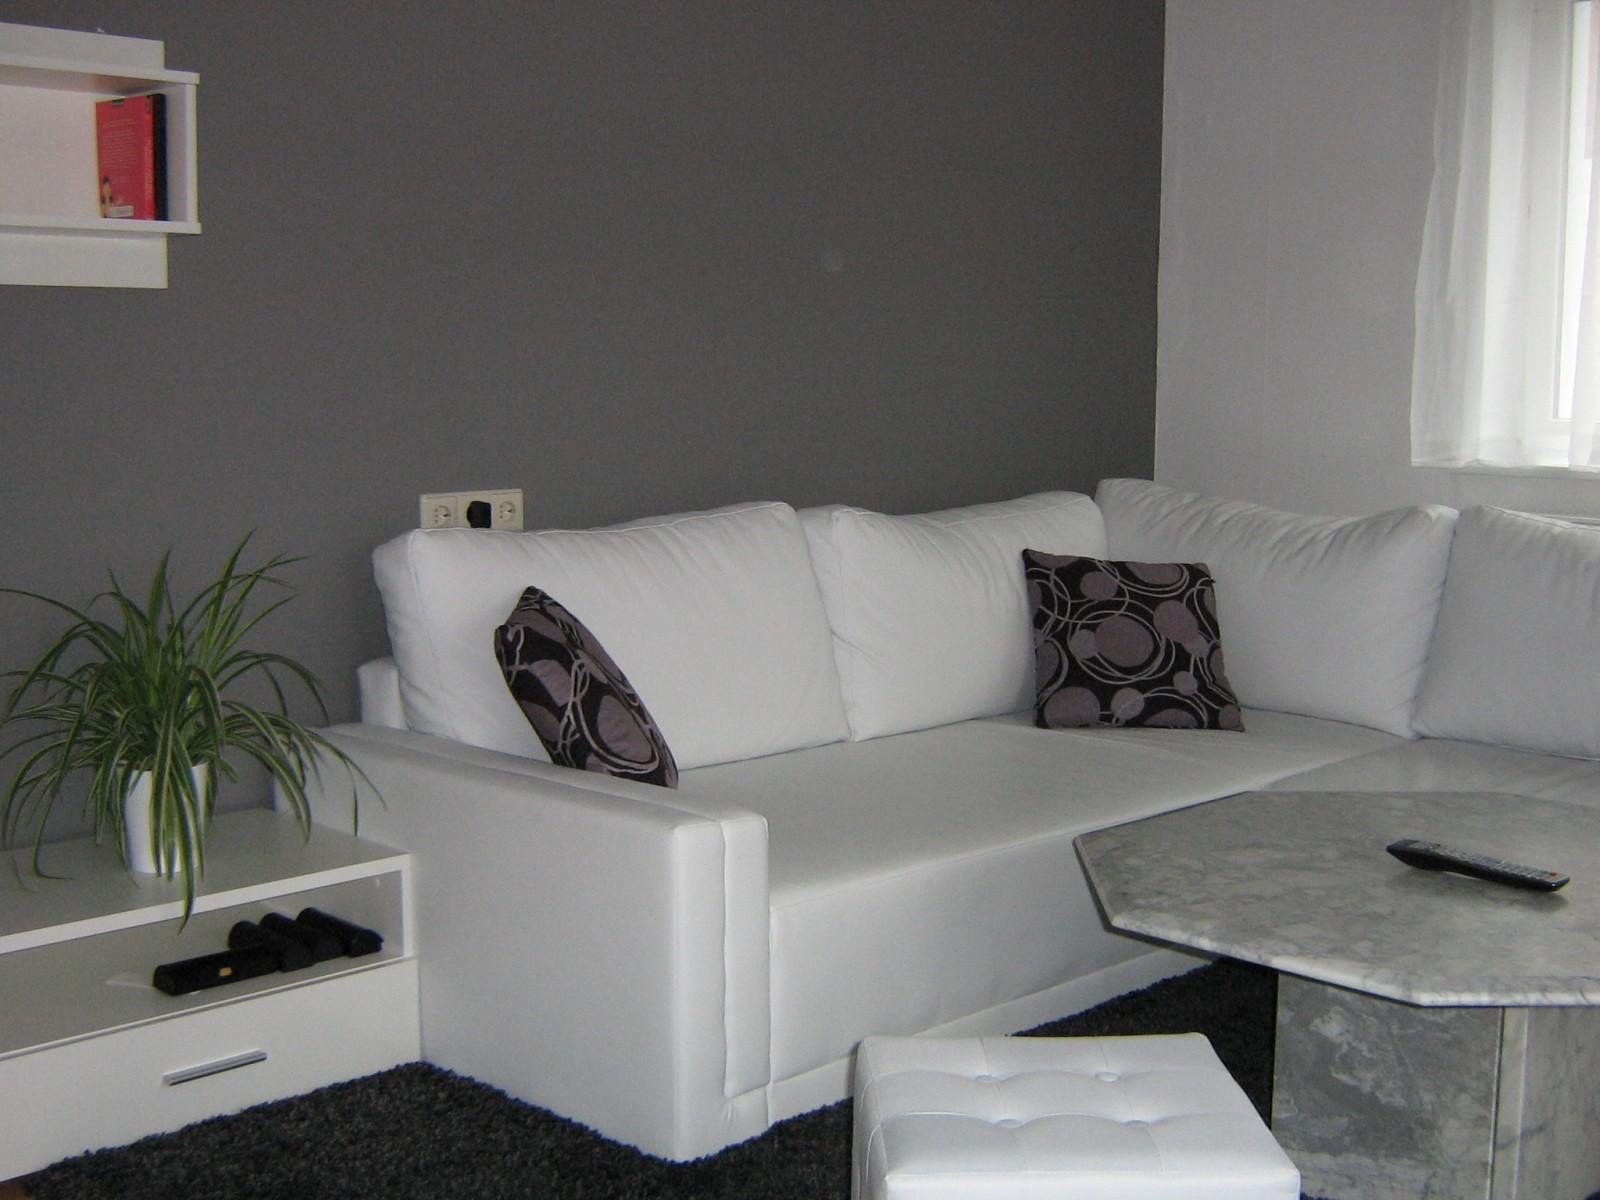 Beautiful wohnzimmer braun weis grun photos interior design ideas - Wohnzimmer grau braun grun ...